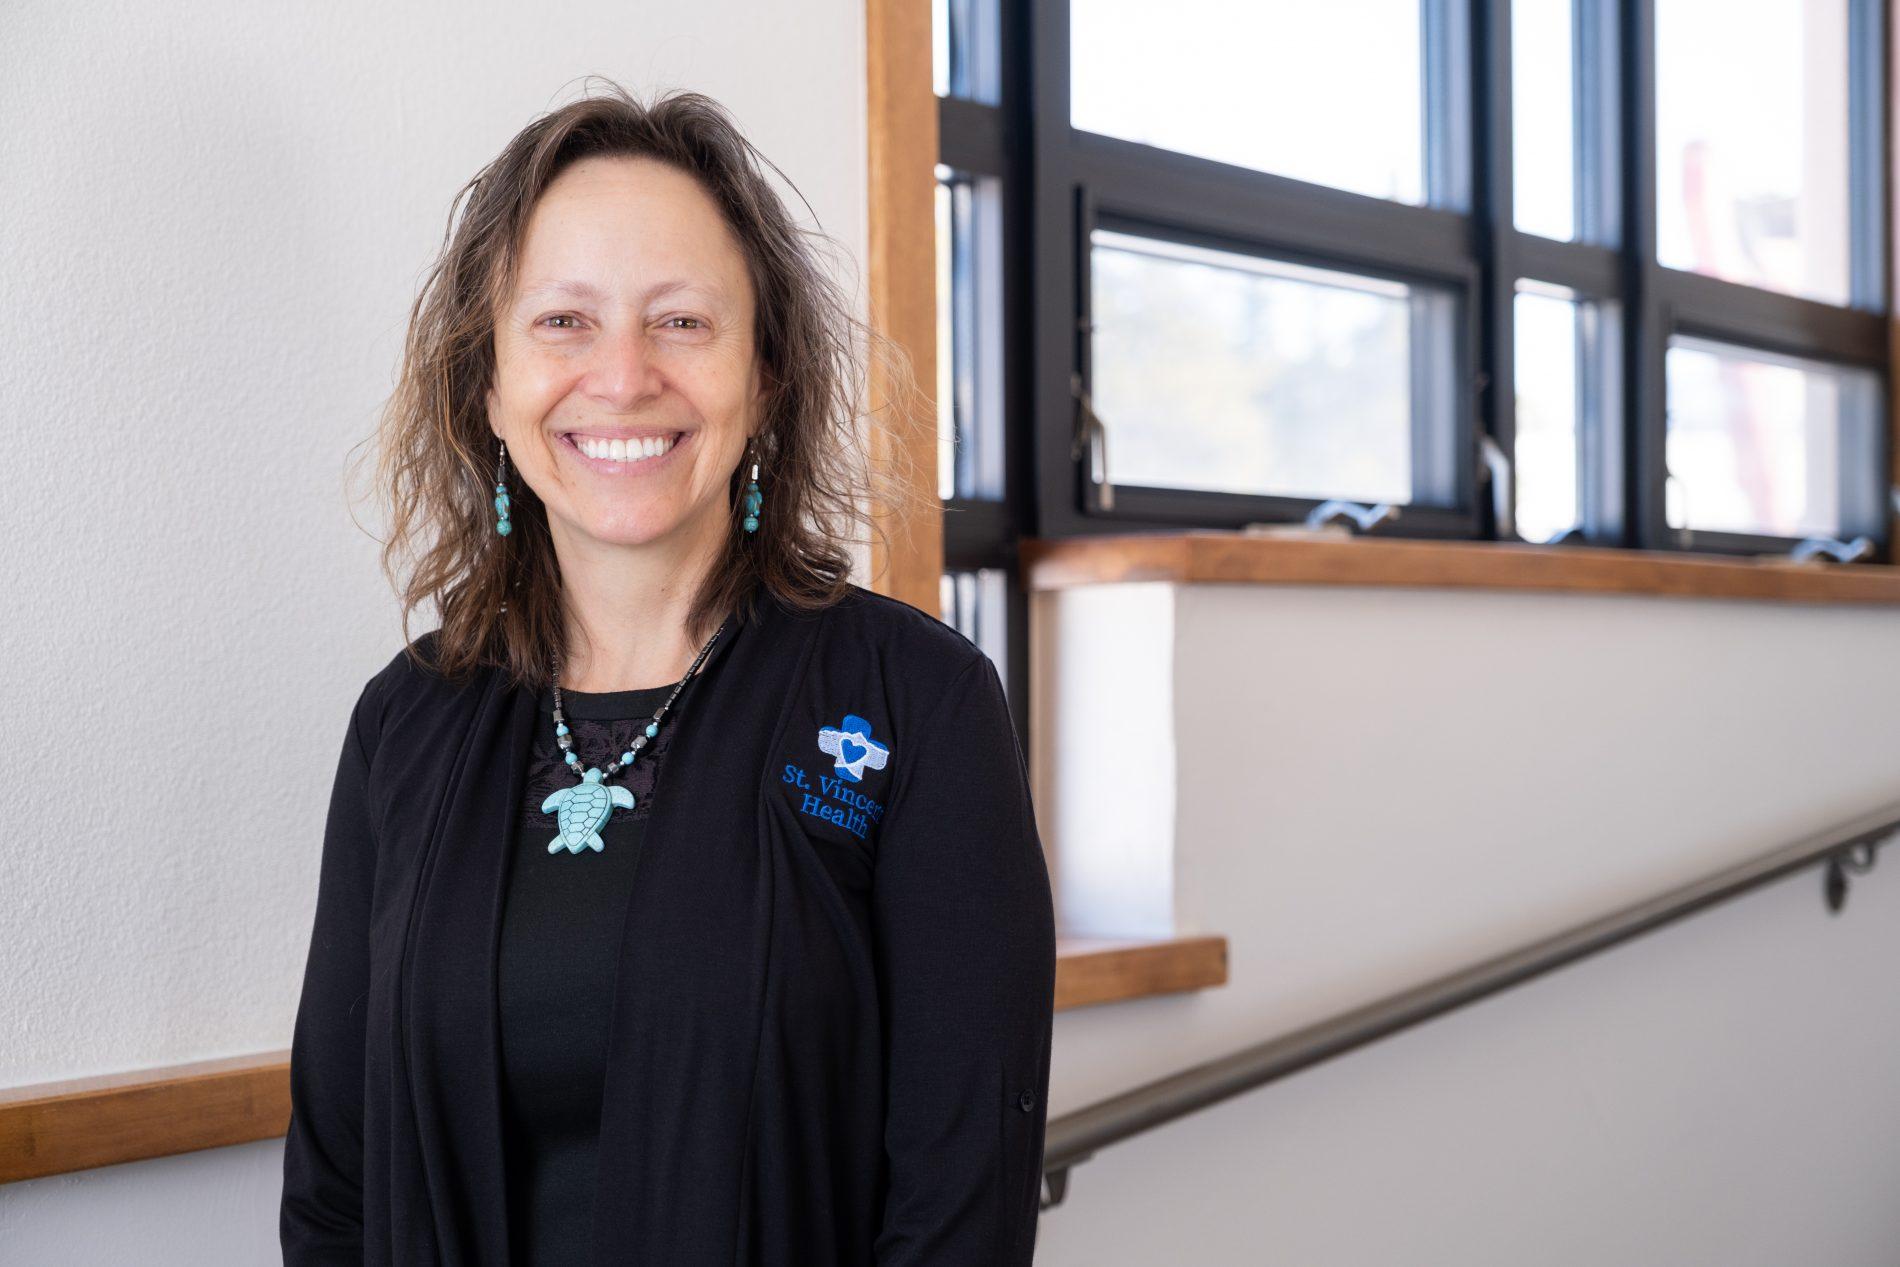 Dr. Lisa Zwerdlinger